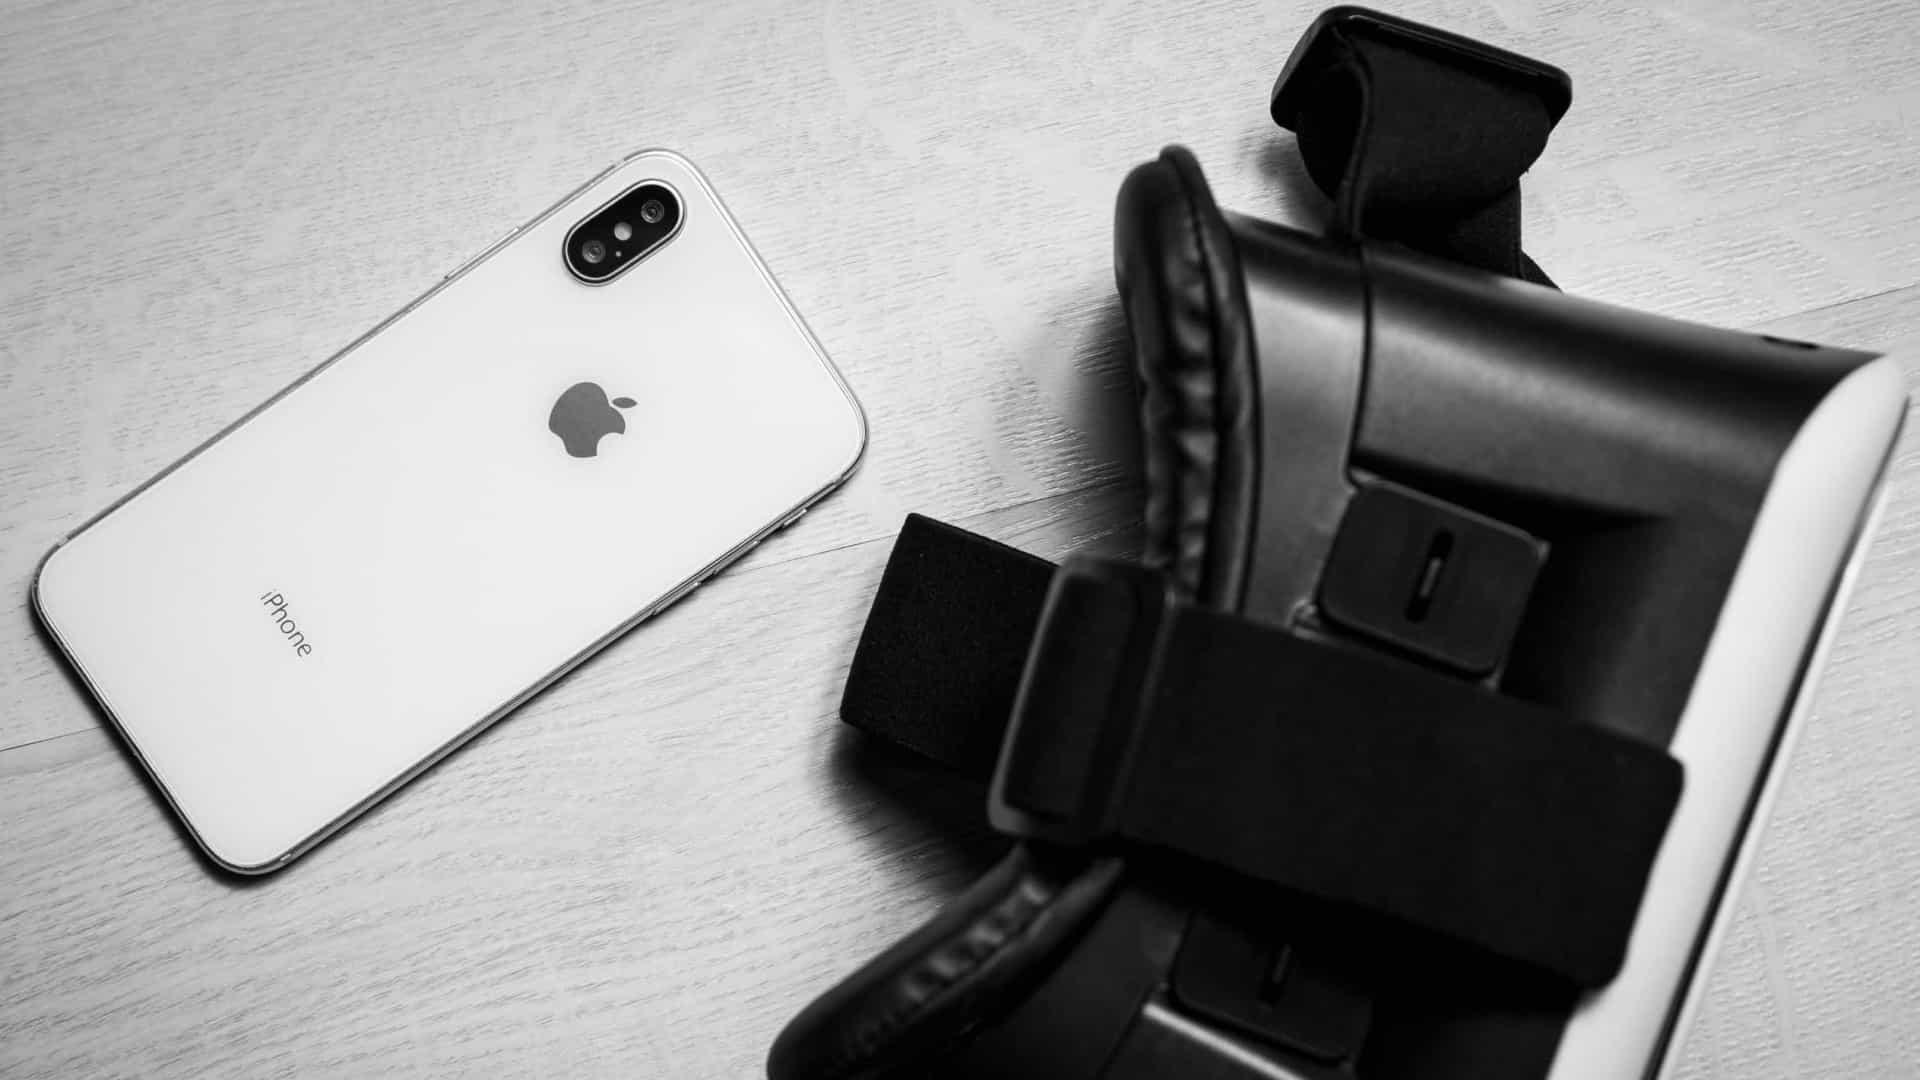 Iphone ao lado de óculos de realidade virtual.